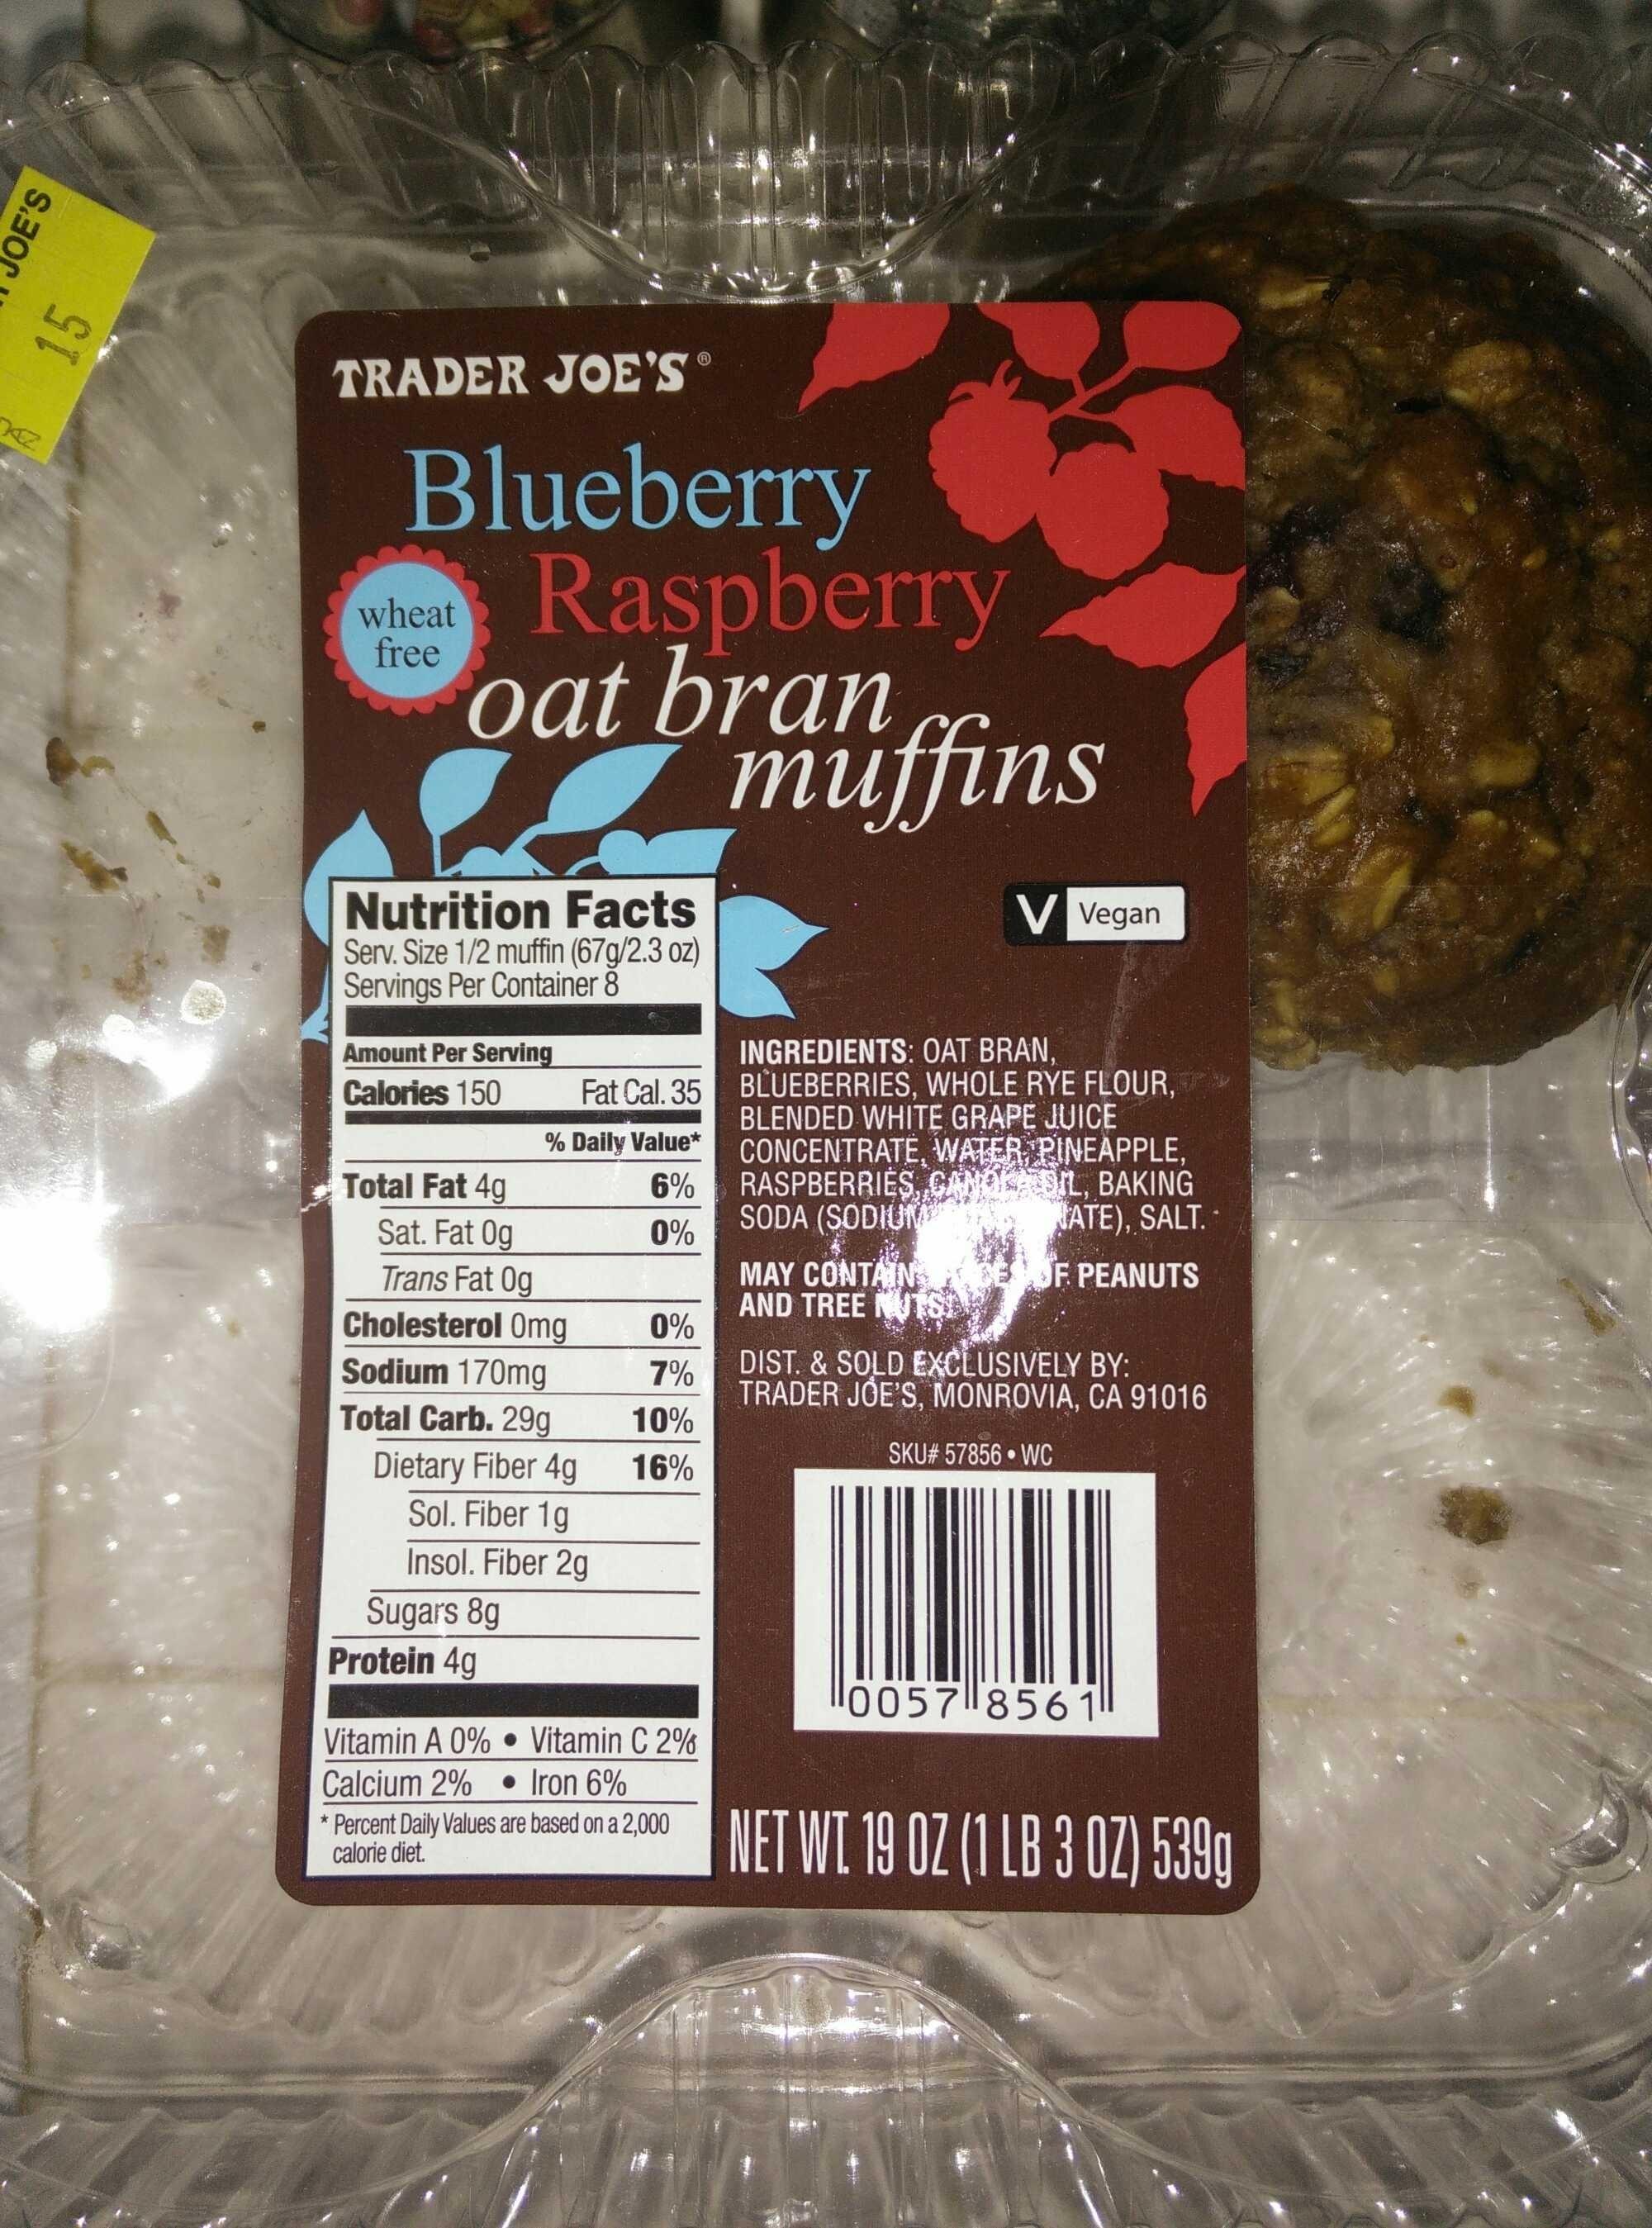 Blueberry Raspberry oat bran muffins - Produit - en